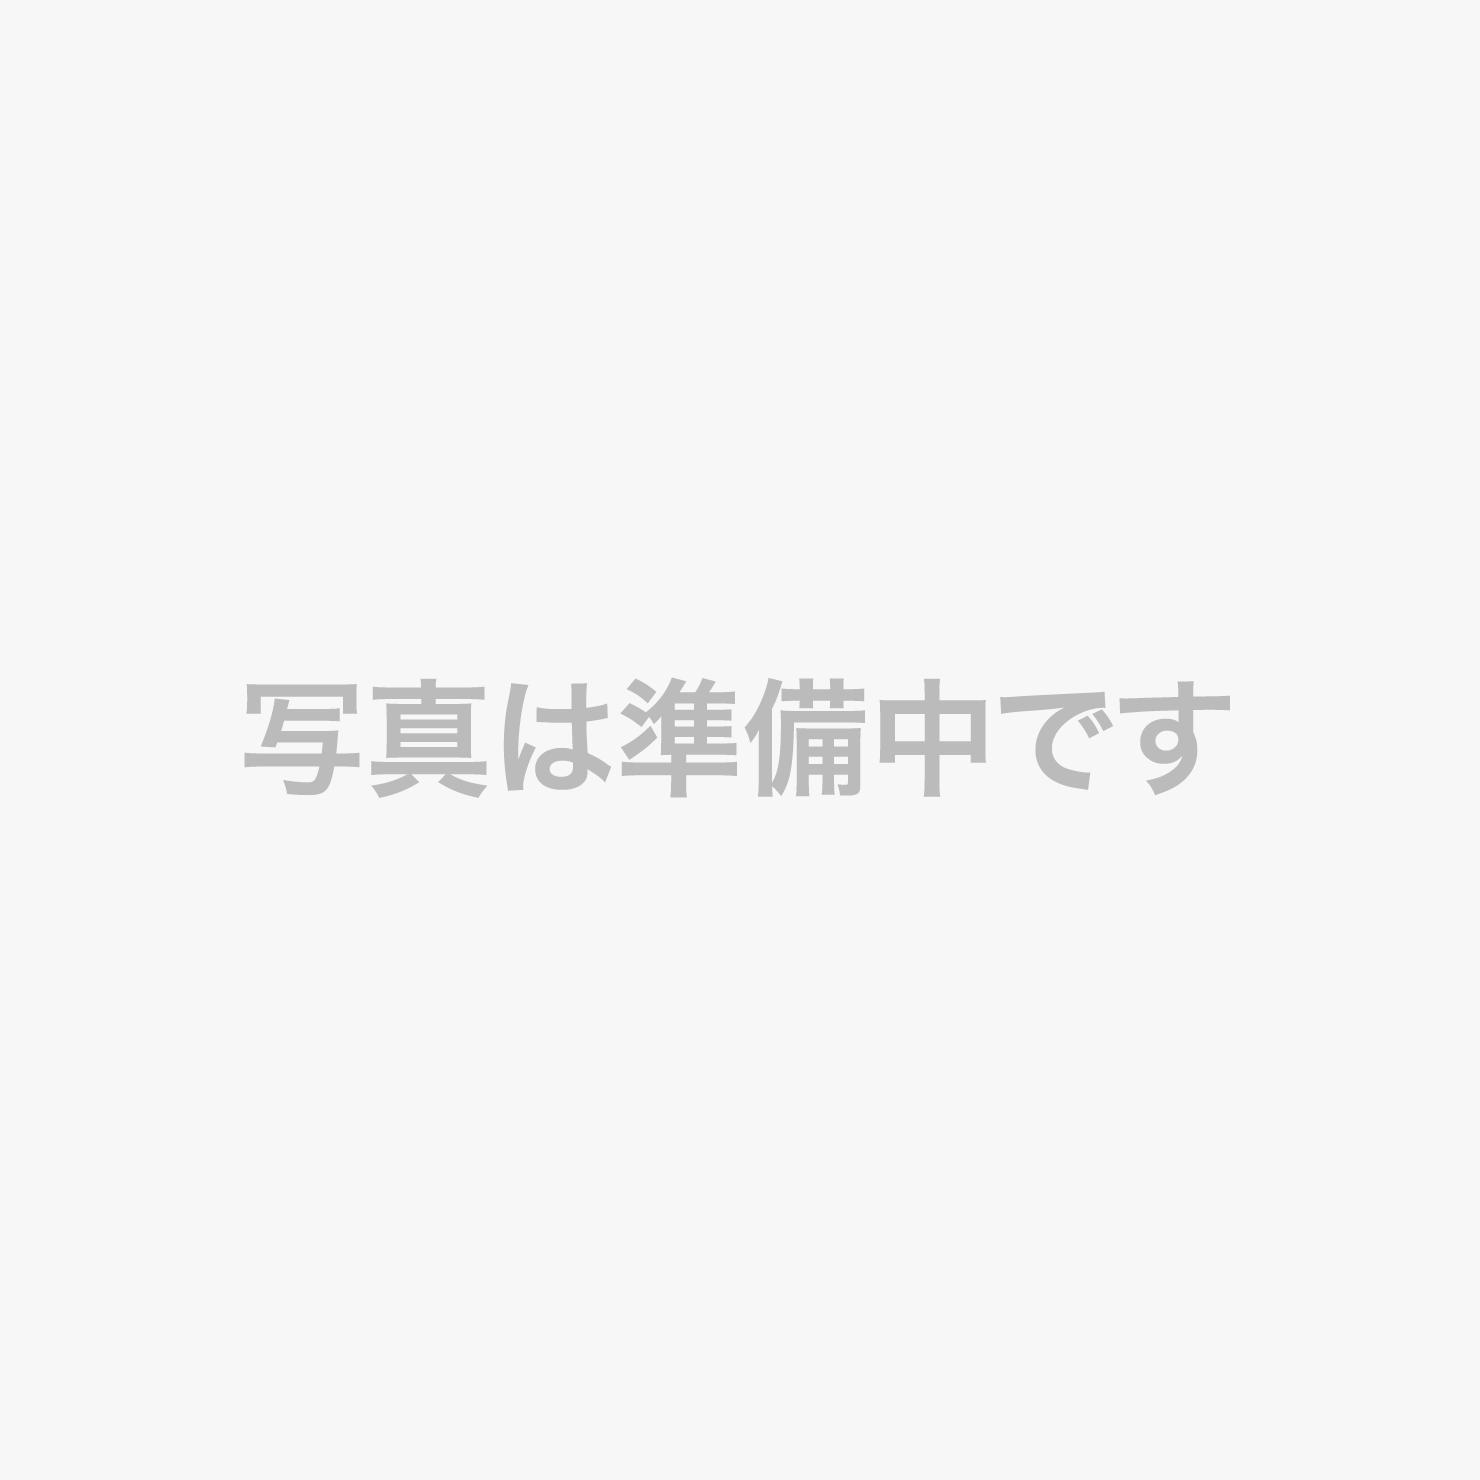 毎朝のメニューで欠かさずお出ししている「山芋とろろ」長野県は山芋の名産地。ホテルでは松代または長野県山形村産のおいしい山芋を毎日すりおろしています。